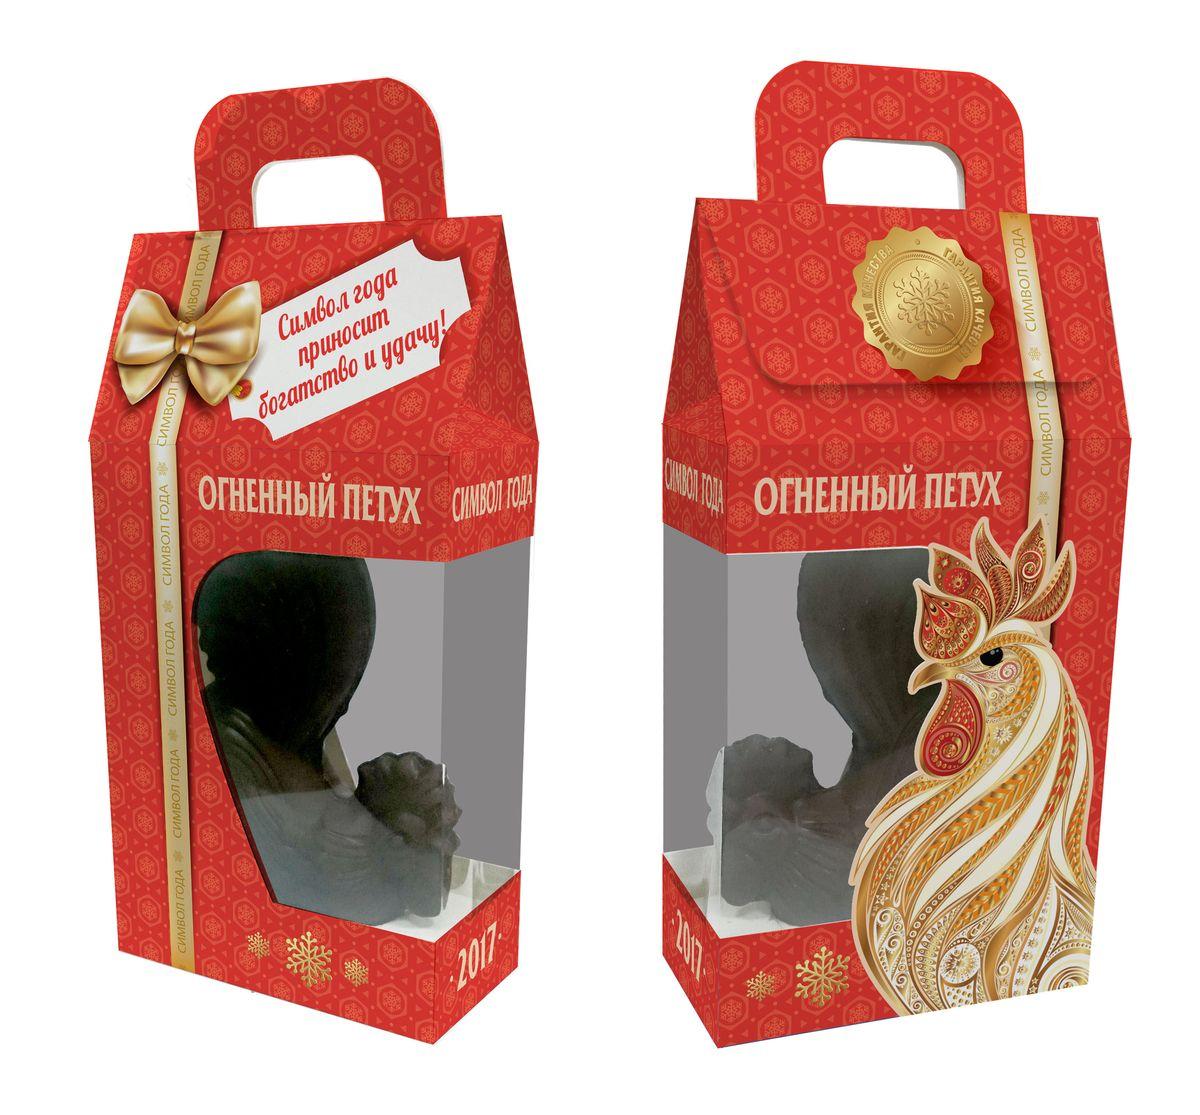 Сладкая Сказка Огненный петух шоколадная фигурка в подарочной коробке, 80 гMK-92Элитный подарок для детей и взрослых, с детальной прорисовкой фигурки